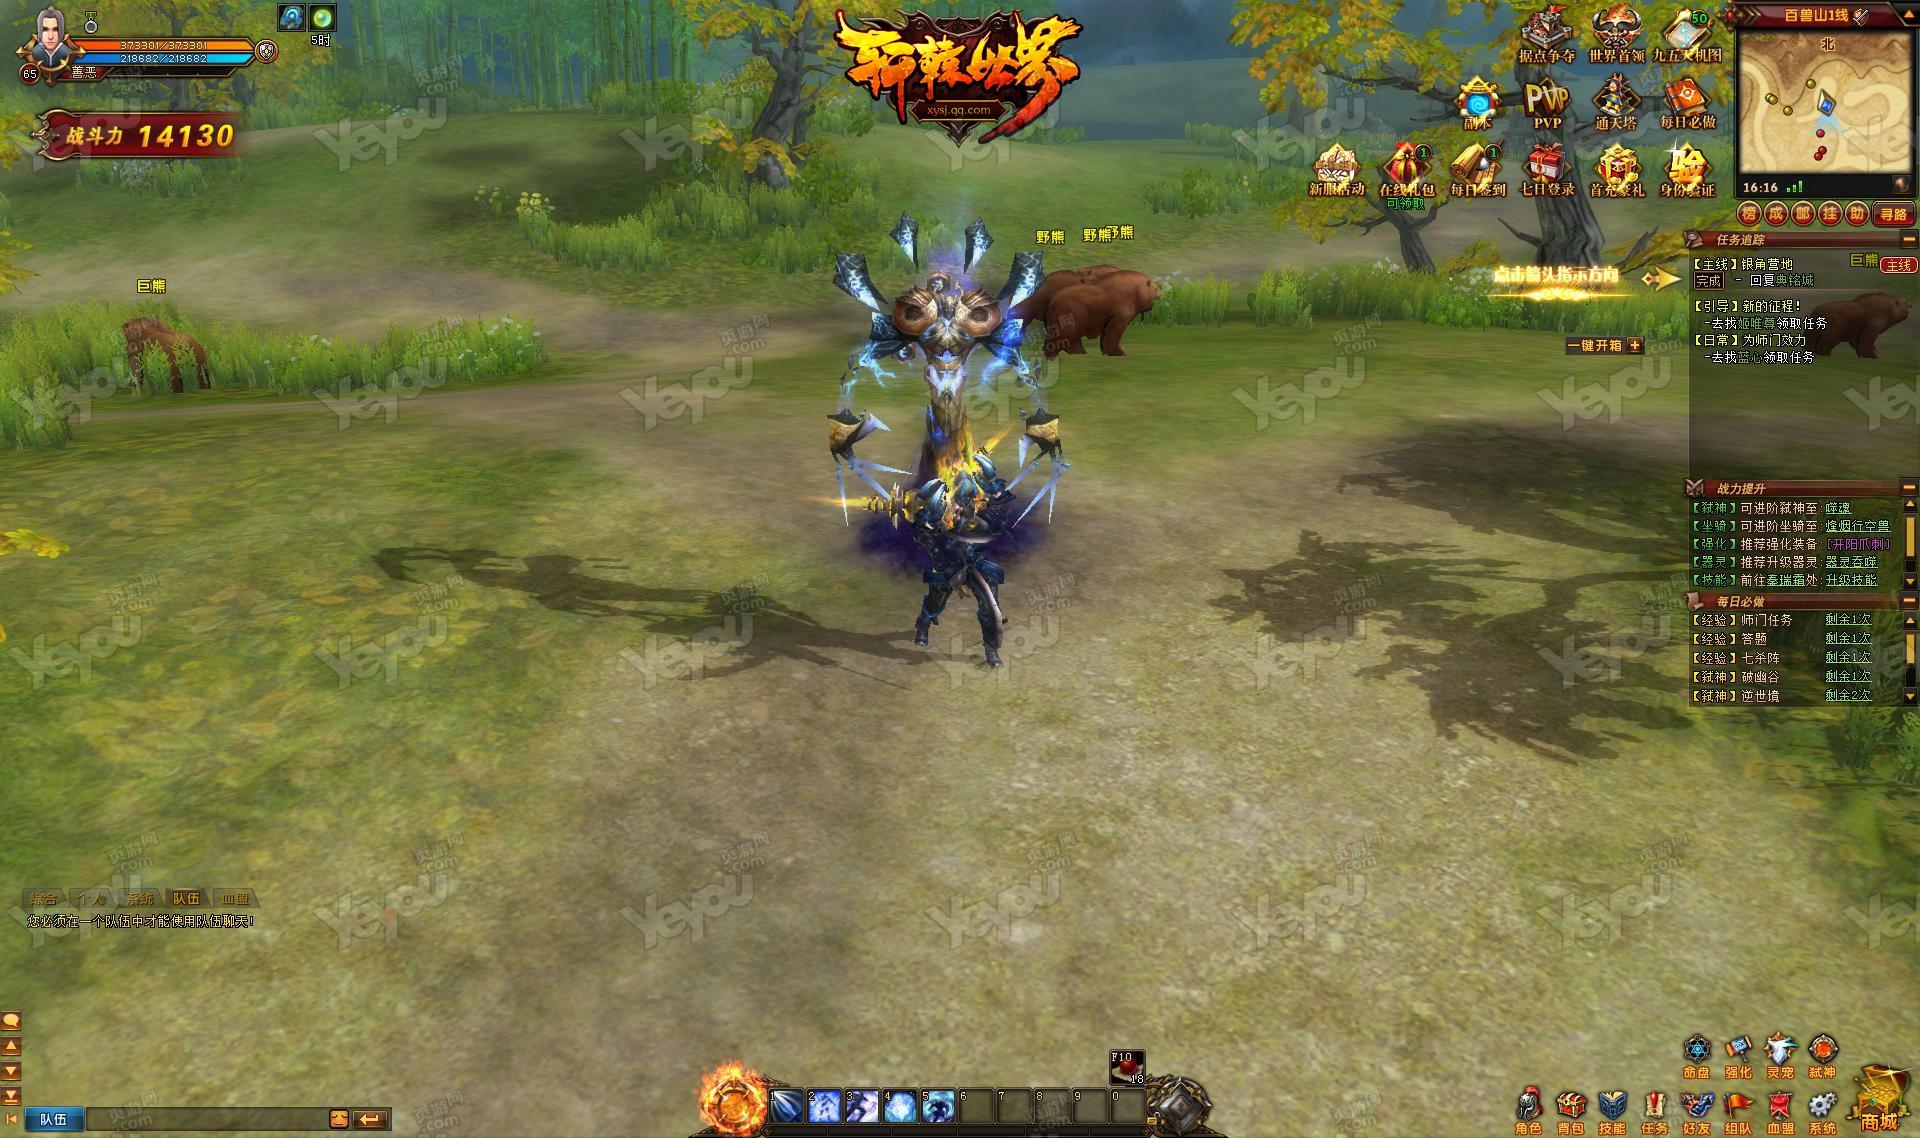 腾讯3D战斗微端页游《轩辕世界》游戏截图